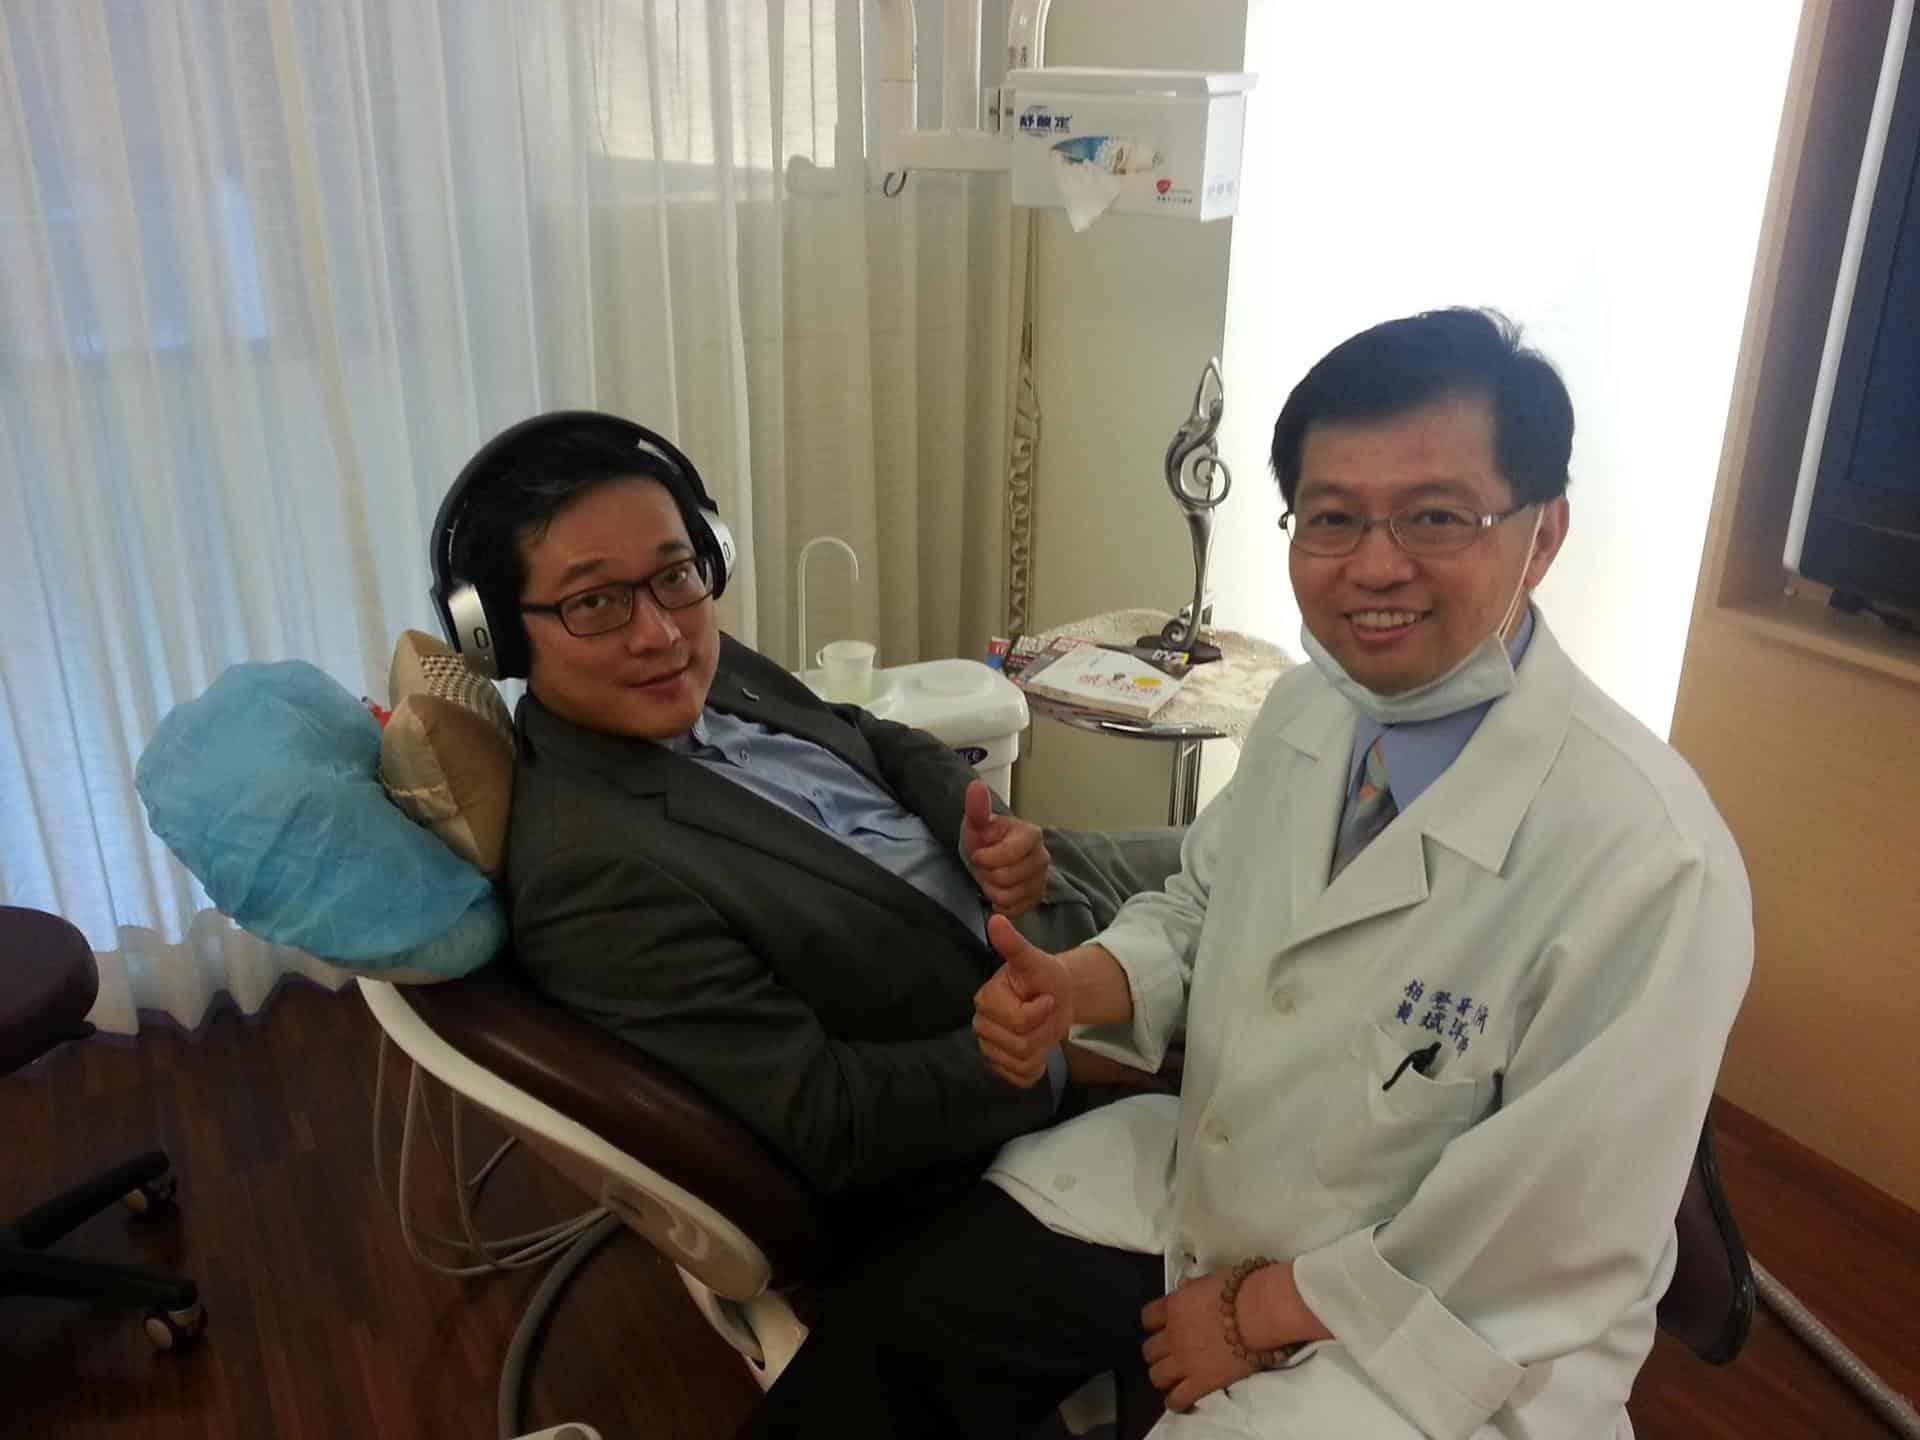 沈寶仁的口腔SPA服務舒服的體驗-柏登牙醫口腔SPA見證